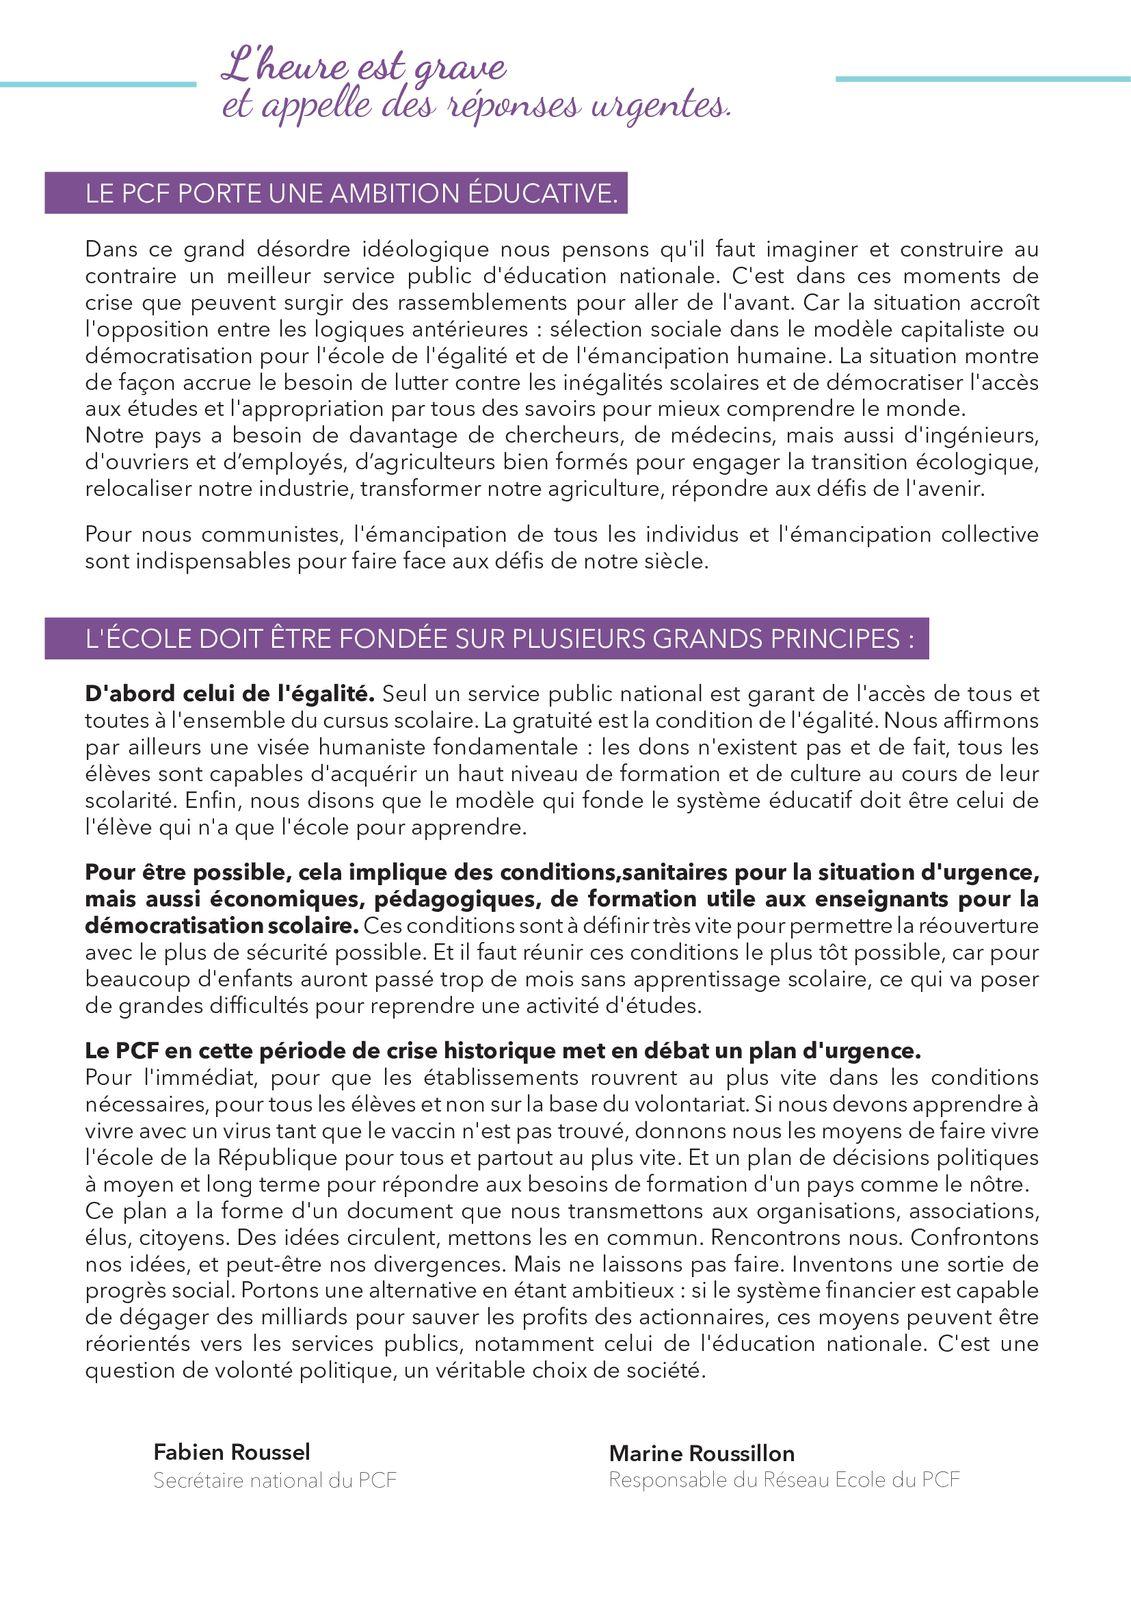 Lettre ouverte de Fabien Roussel, secrétaire national du PCF, aux acteurs de l'Education